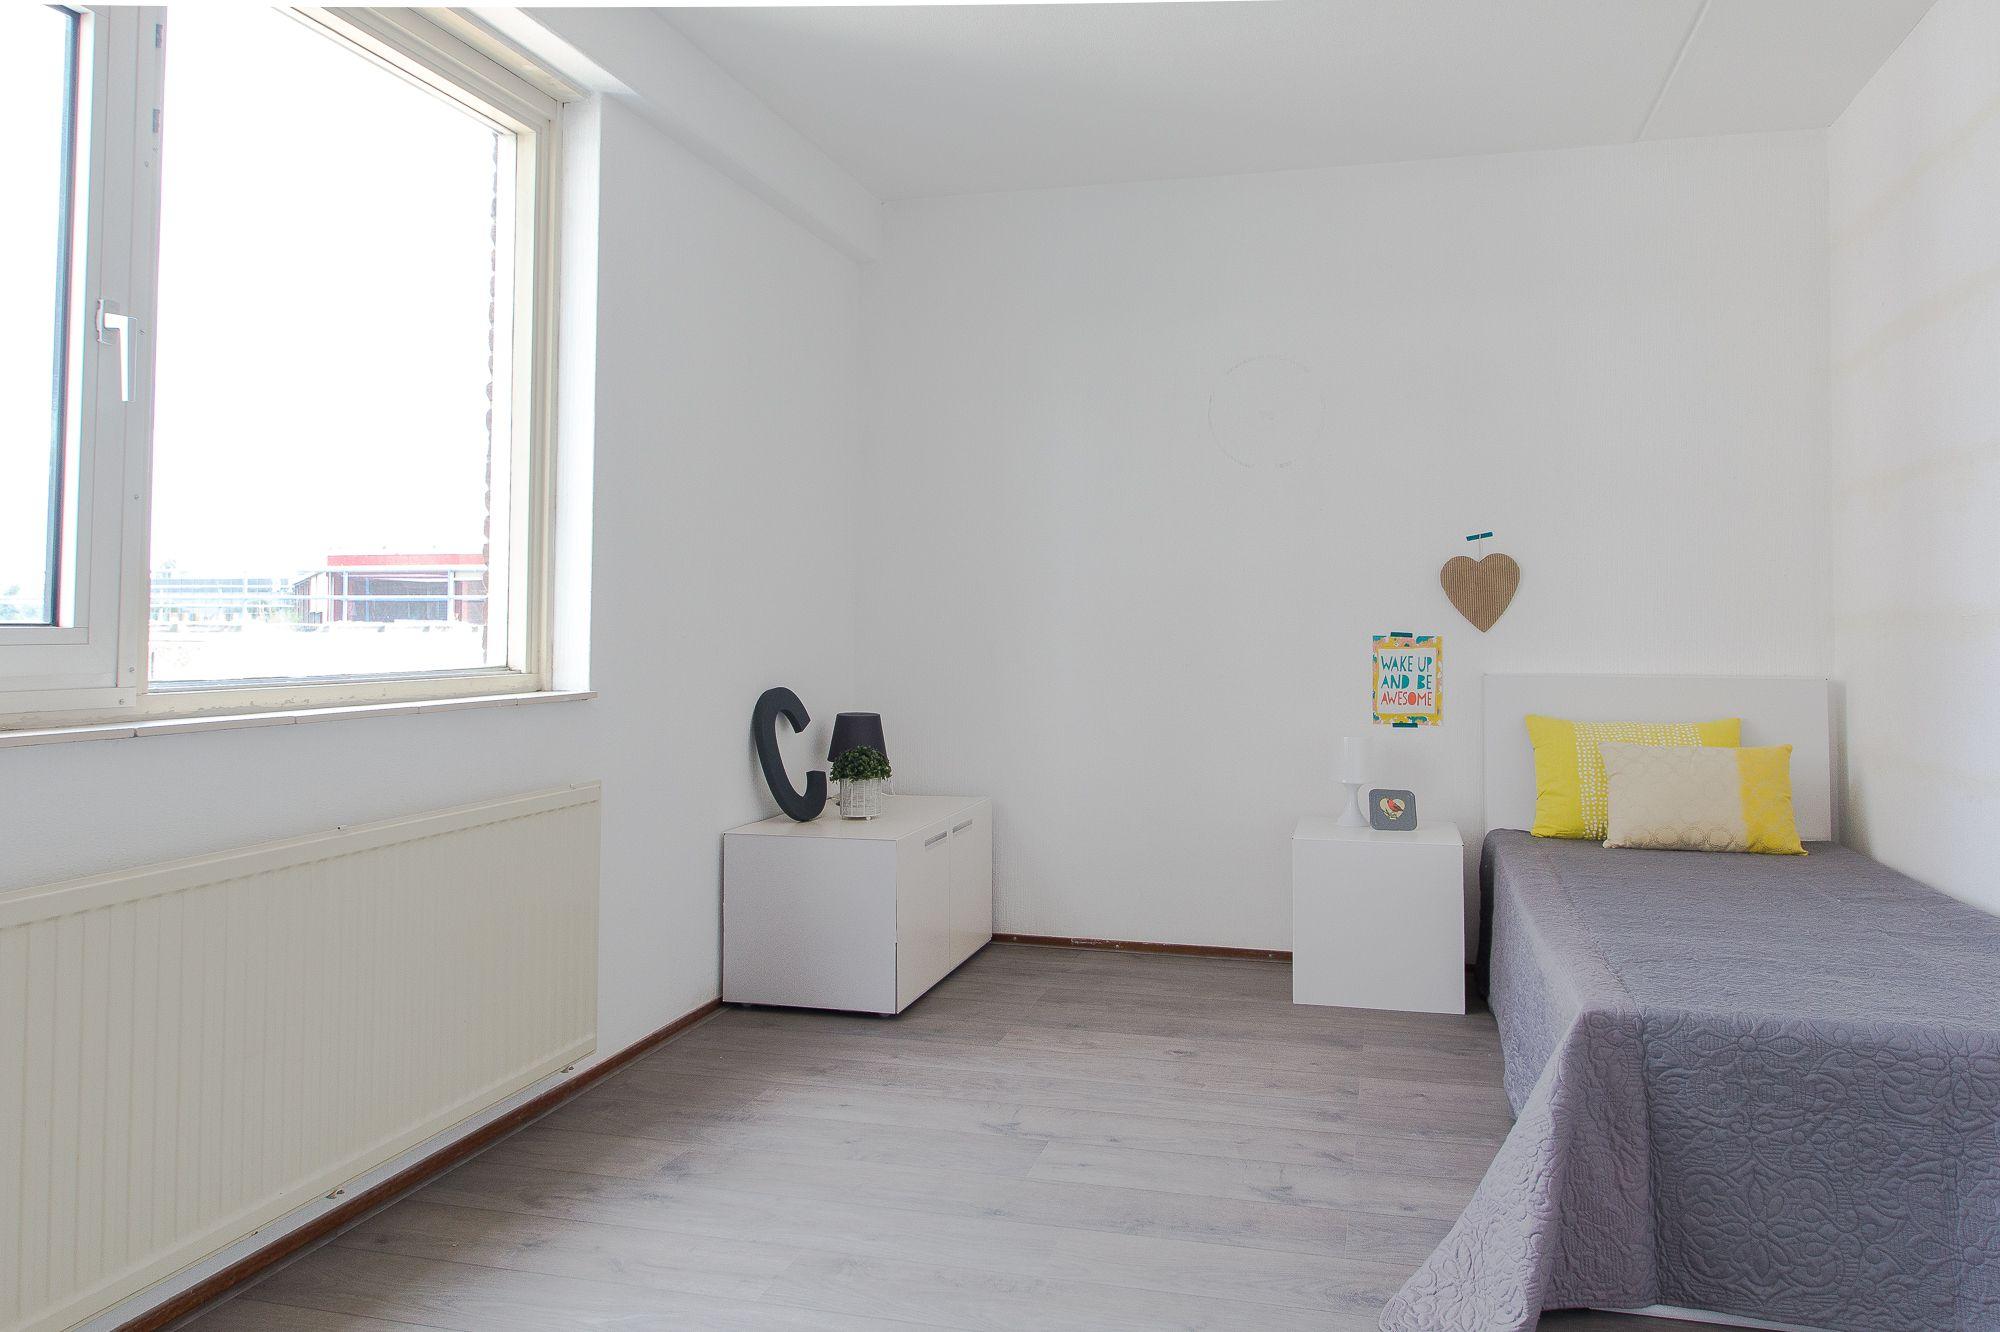 Bed Van Karton : Slaapkamer ingericht voor de verkoop met een bed van karton van